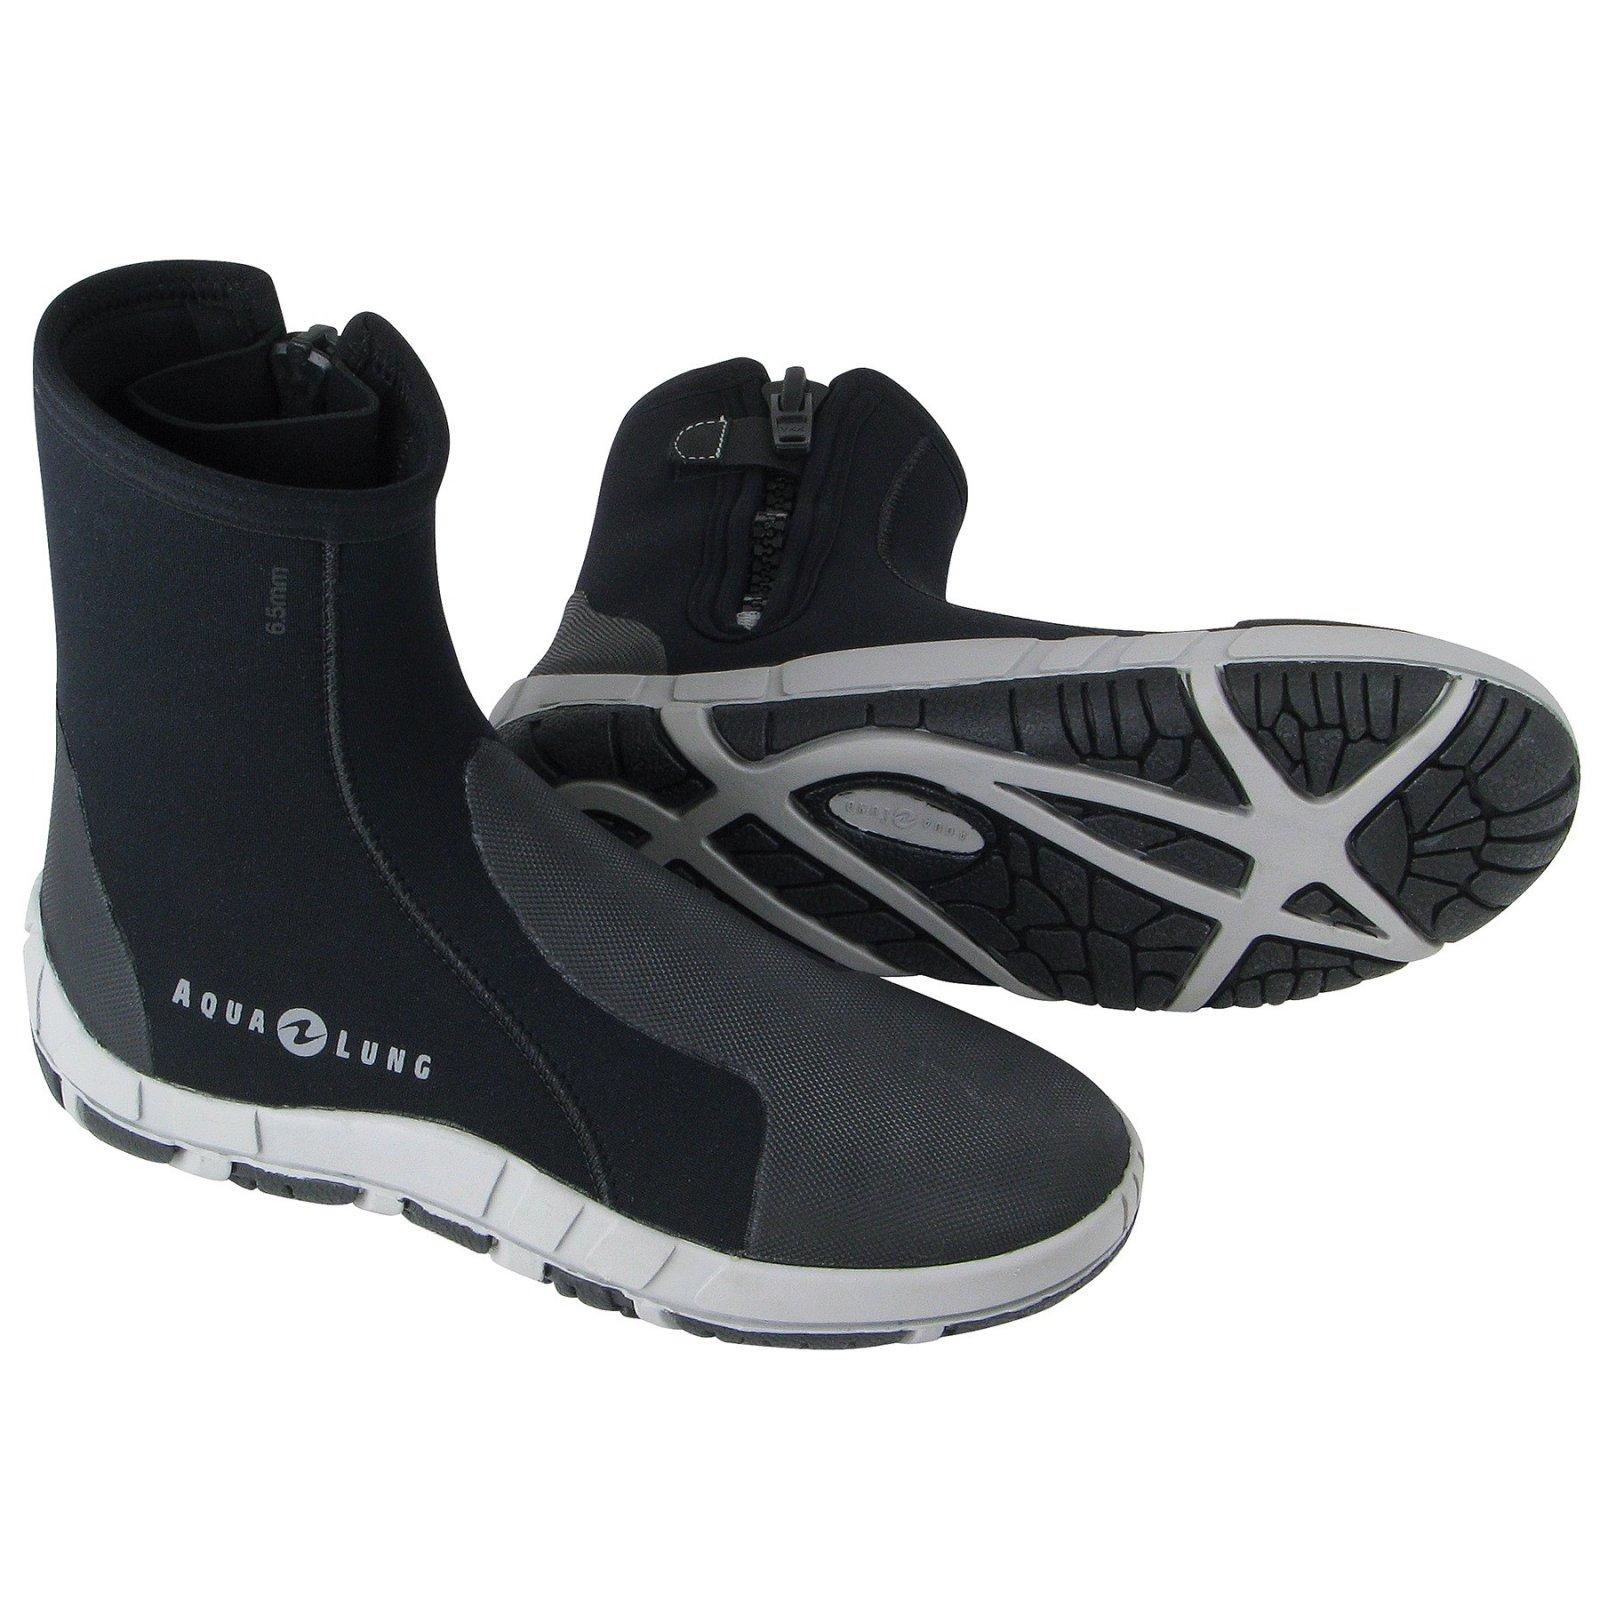 Aqua Lung Manta 5mm Boots